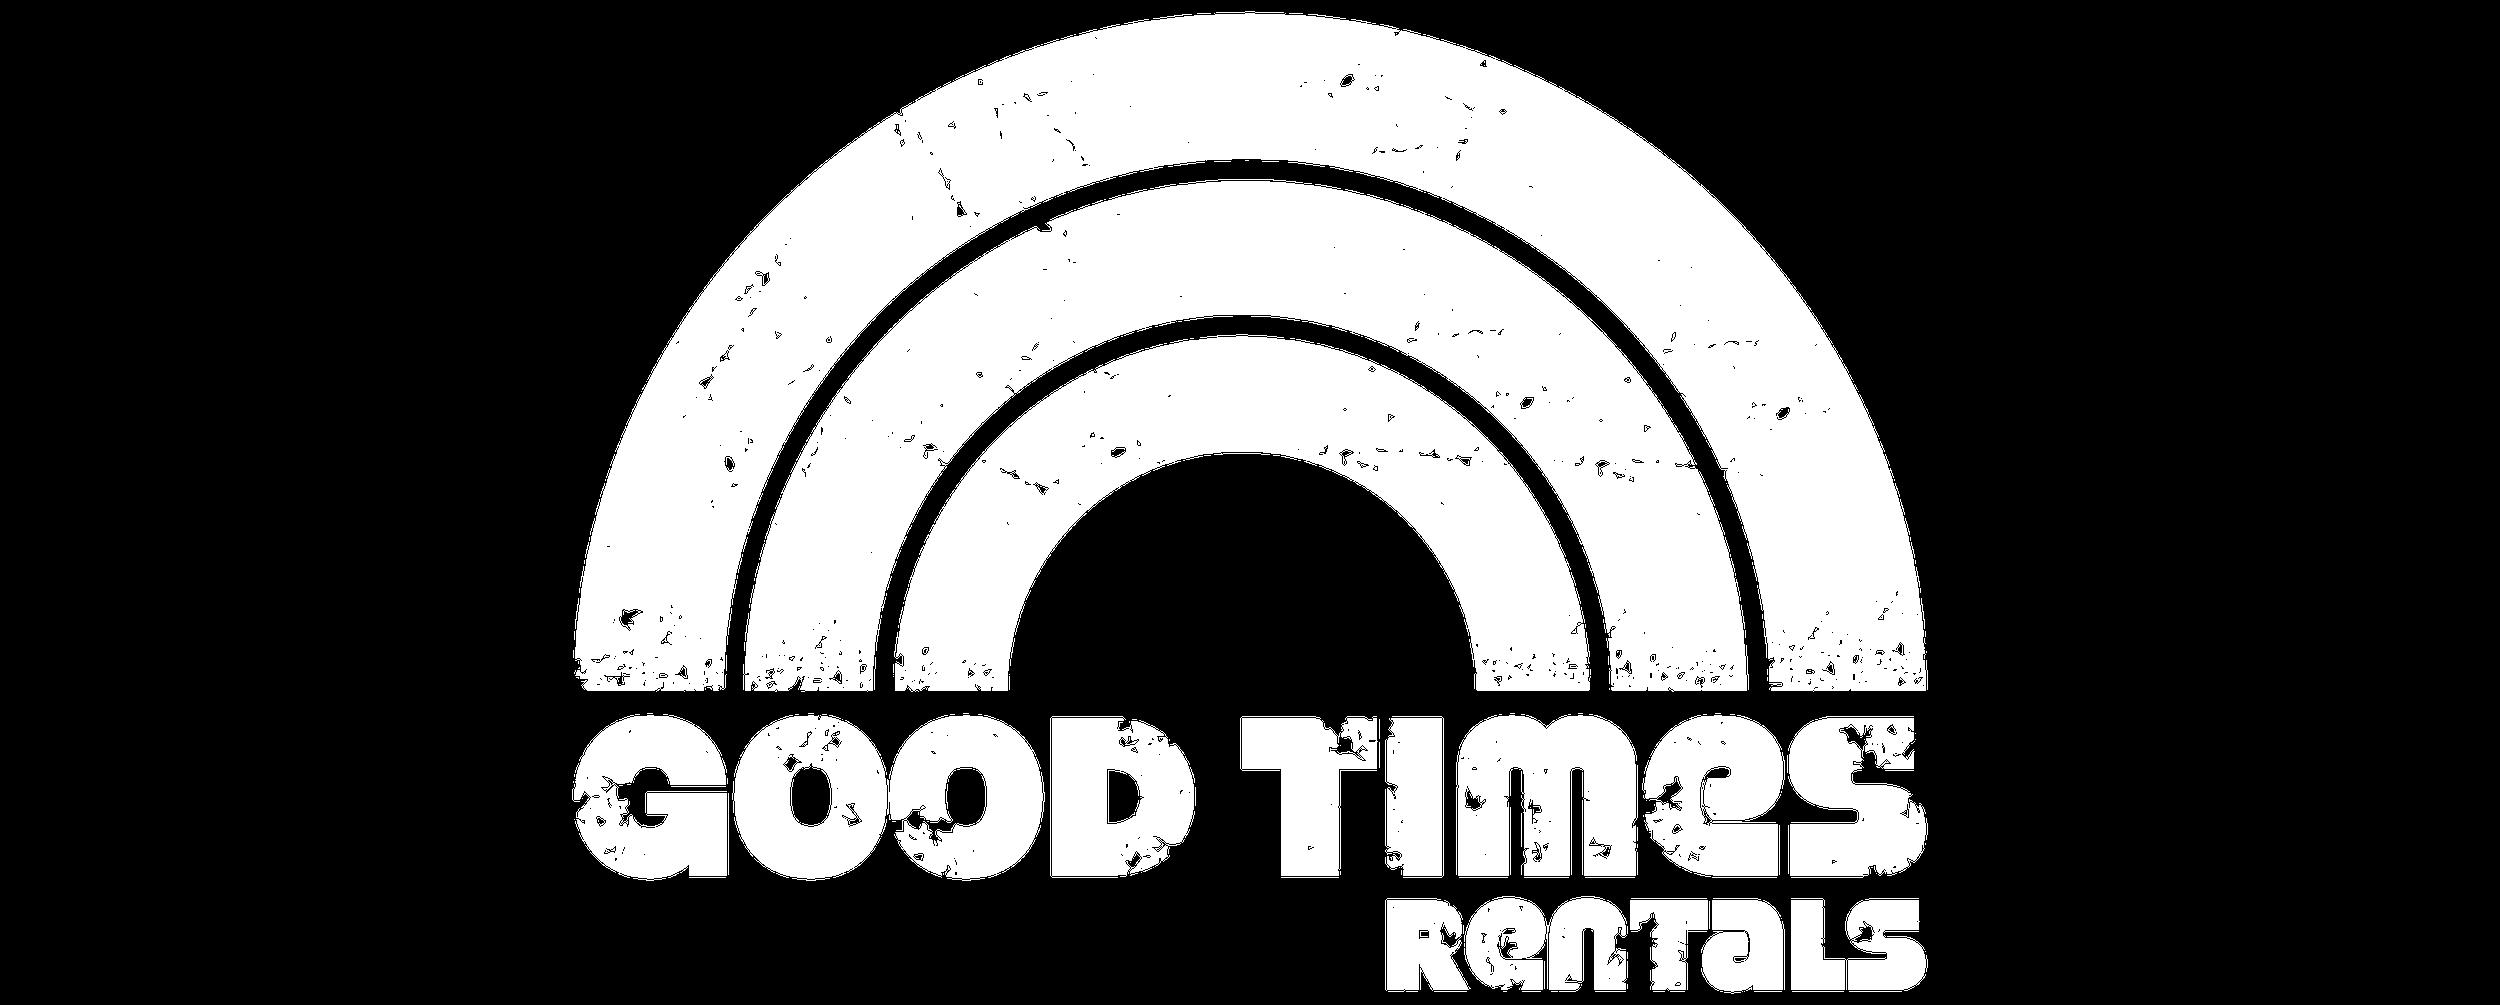 wt - good times rentals 30a sowal.png